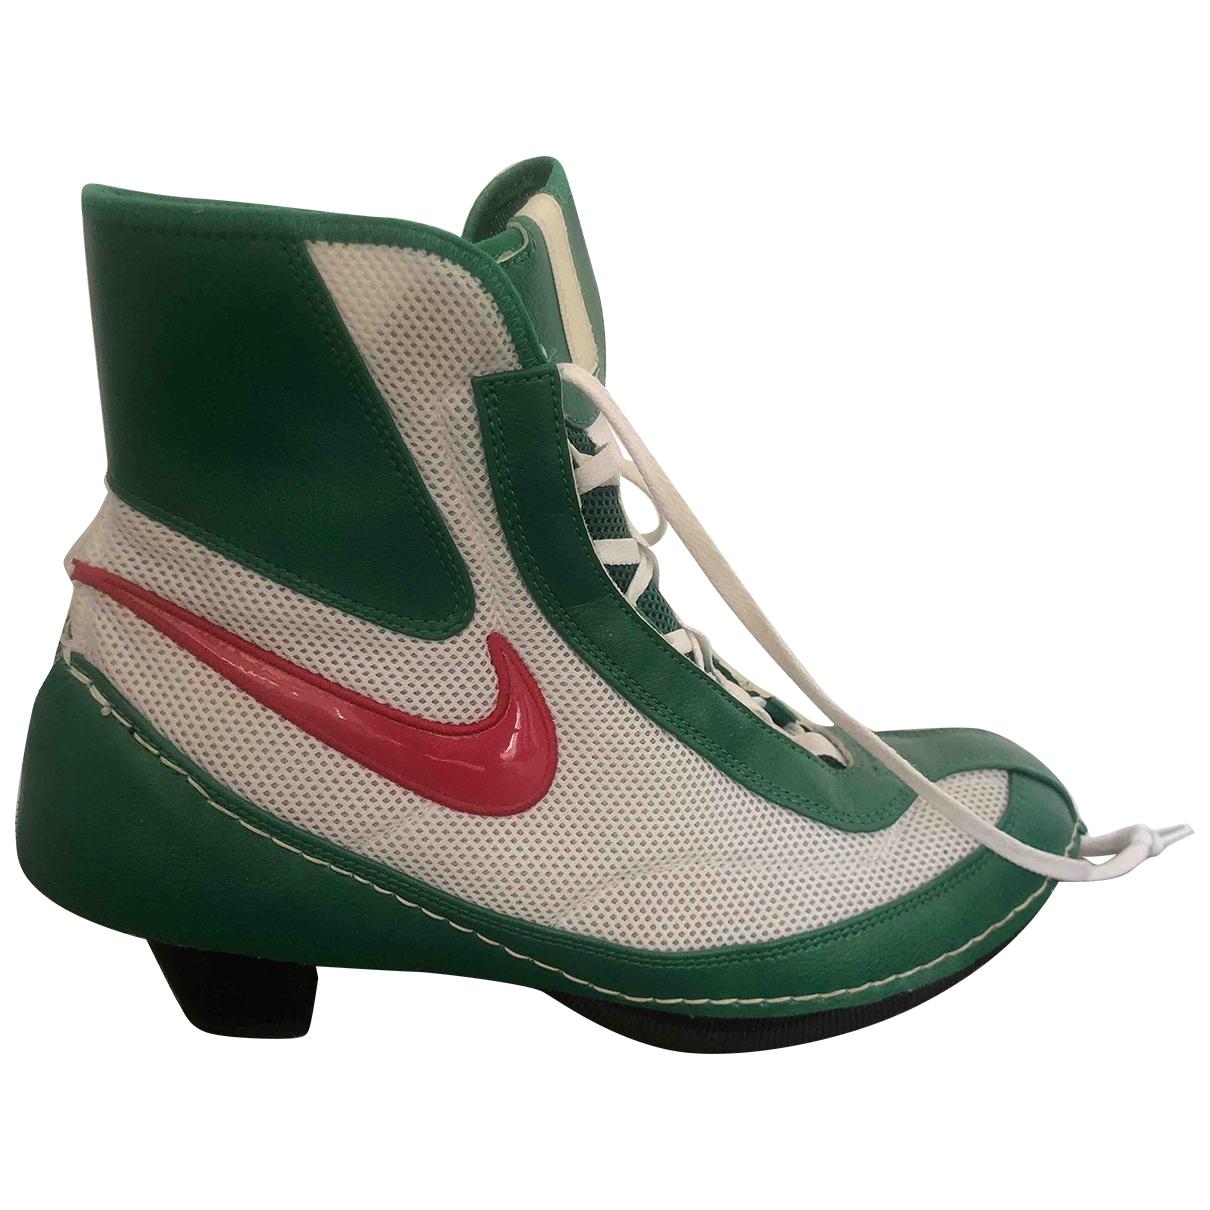 Nike X Comme Des Garcons - Escarpins Machomai pour femme en toile - vert